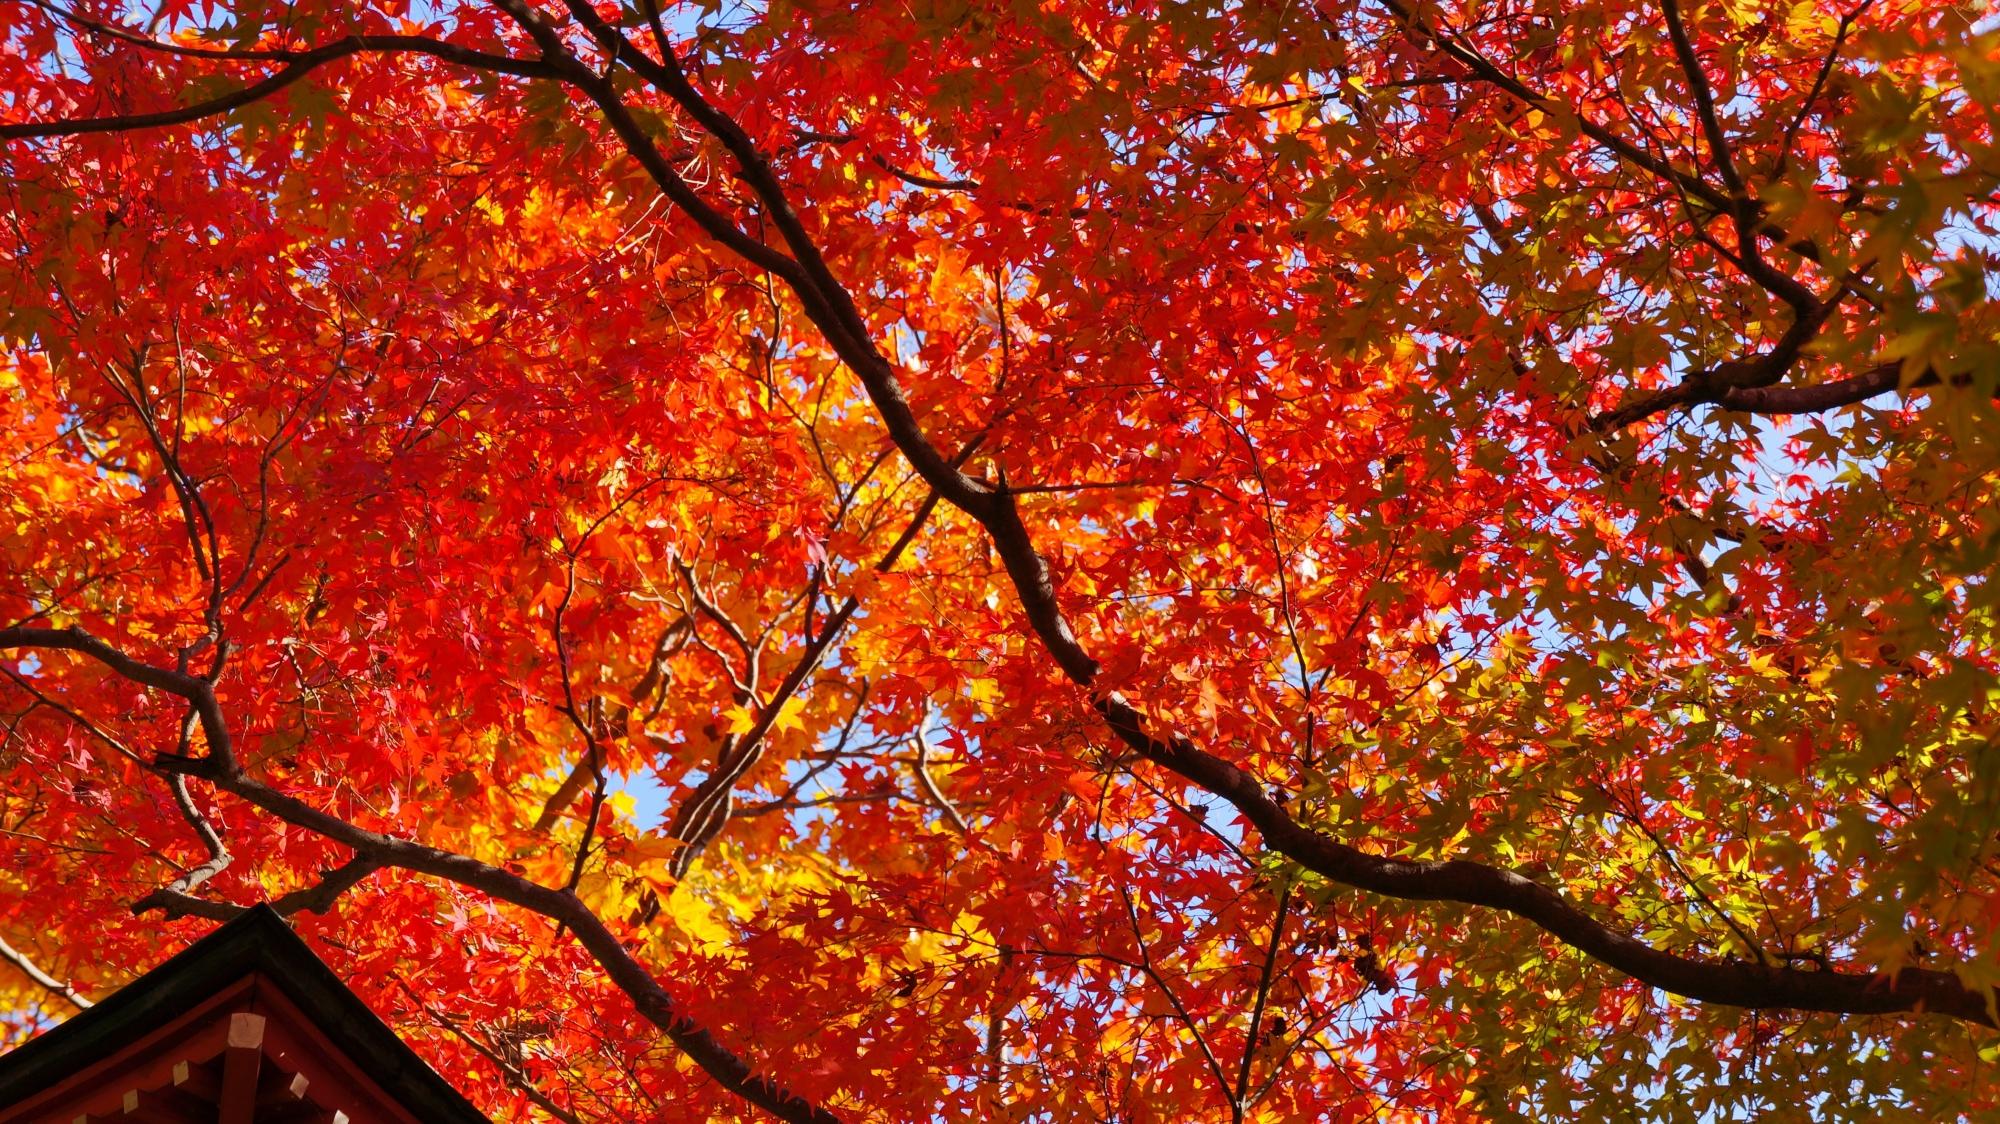 善峯寺の秋晴れの空を覆う赤い紅葉